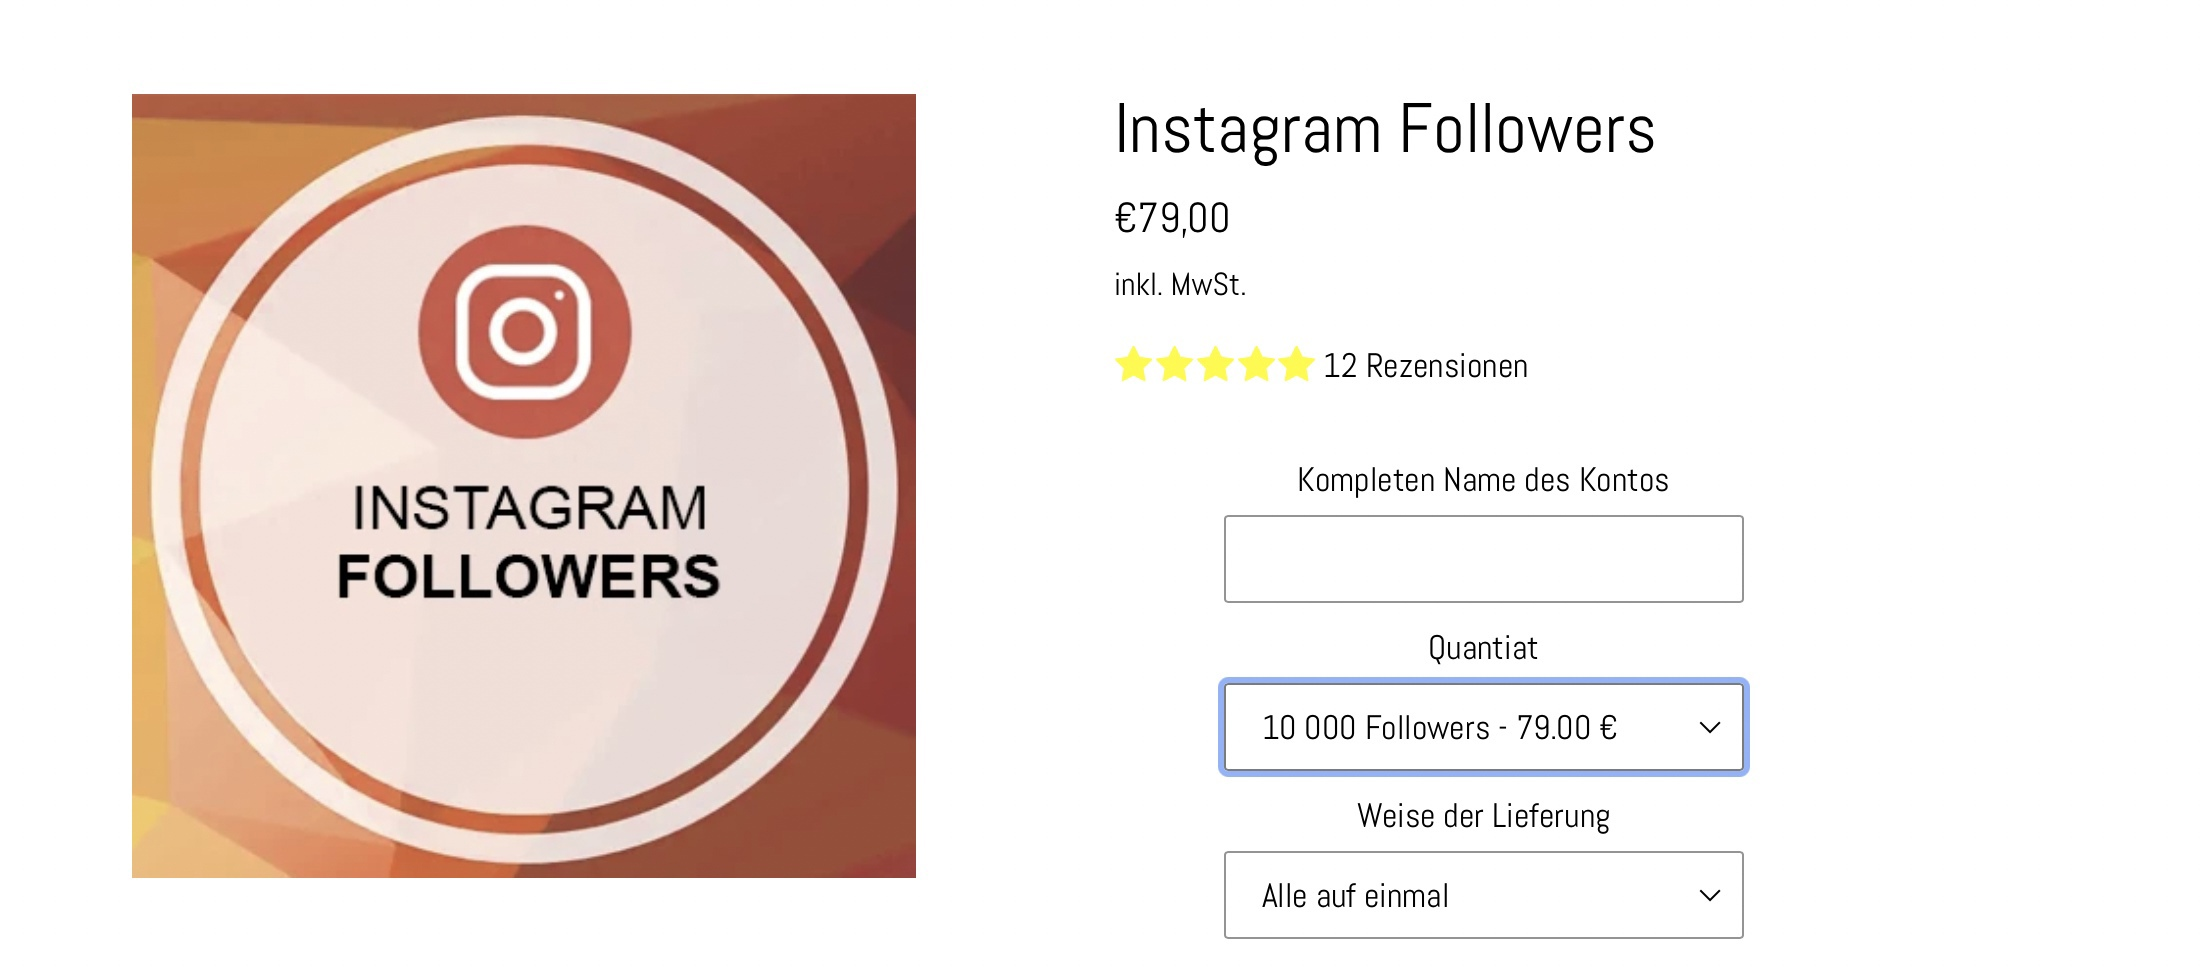 Instagram Followers kaufen ist jetzt einfach und sicher, image #1